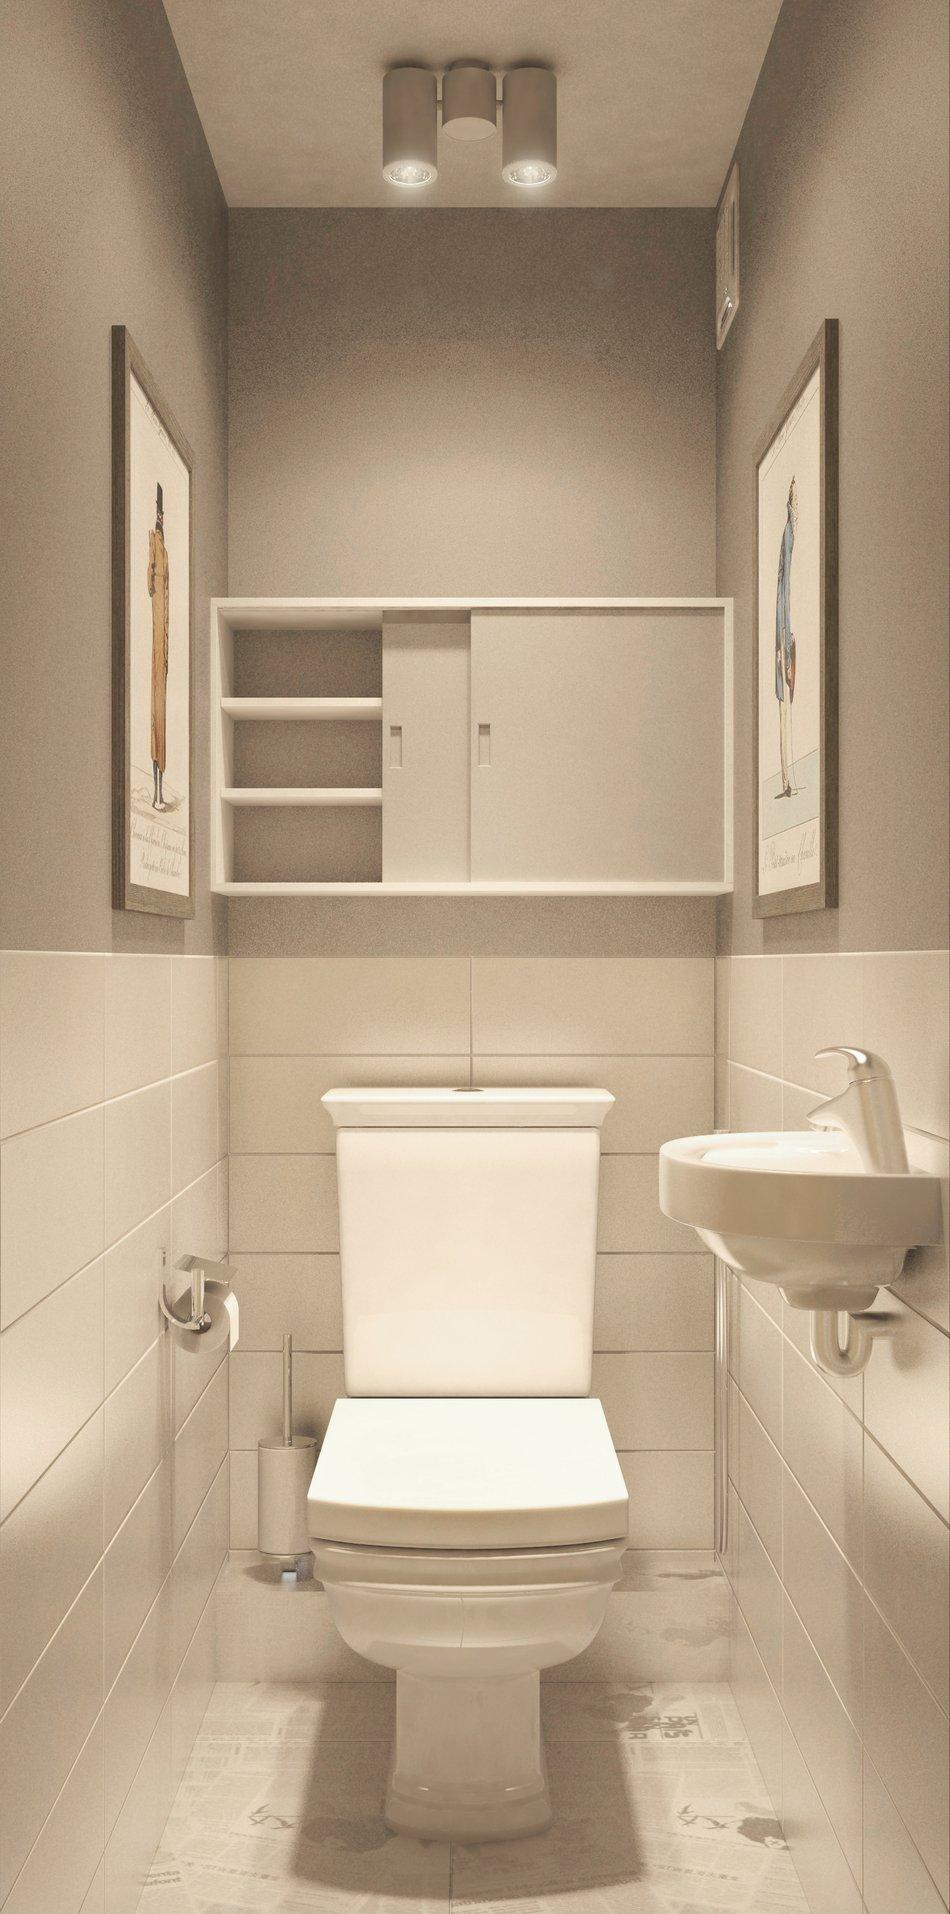 Навесной шкаф и раковина в туалете